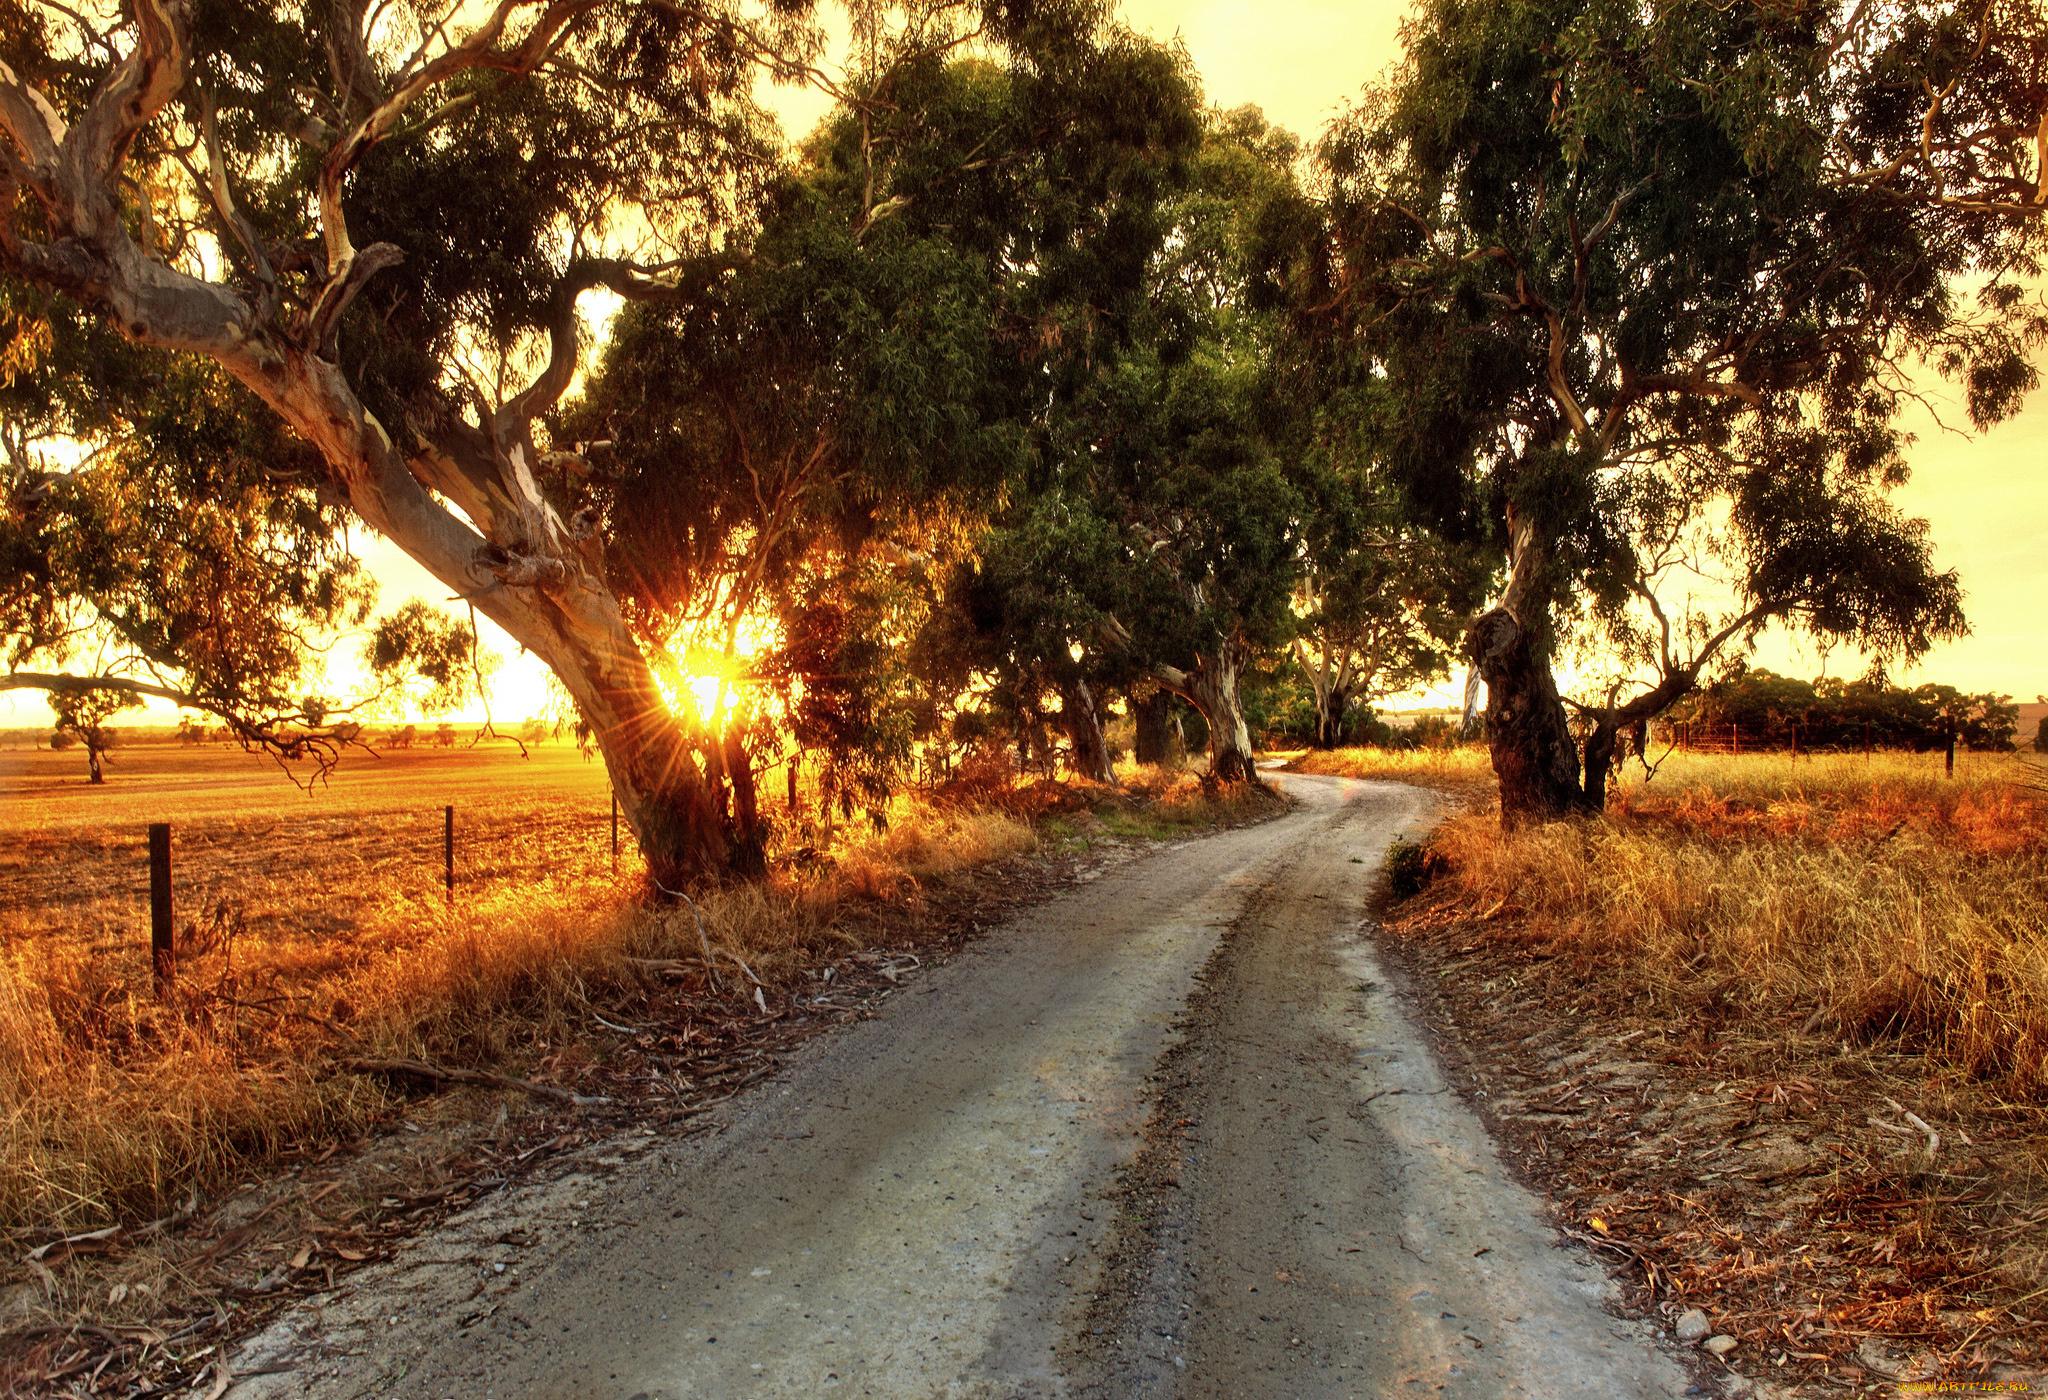 Пейзаж дорога деревья бесплатно